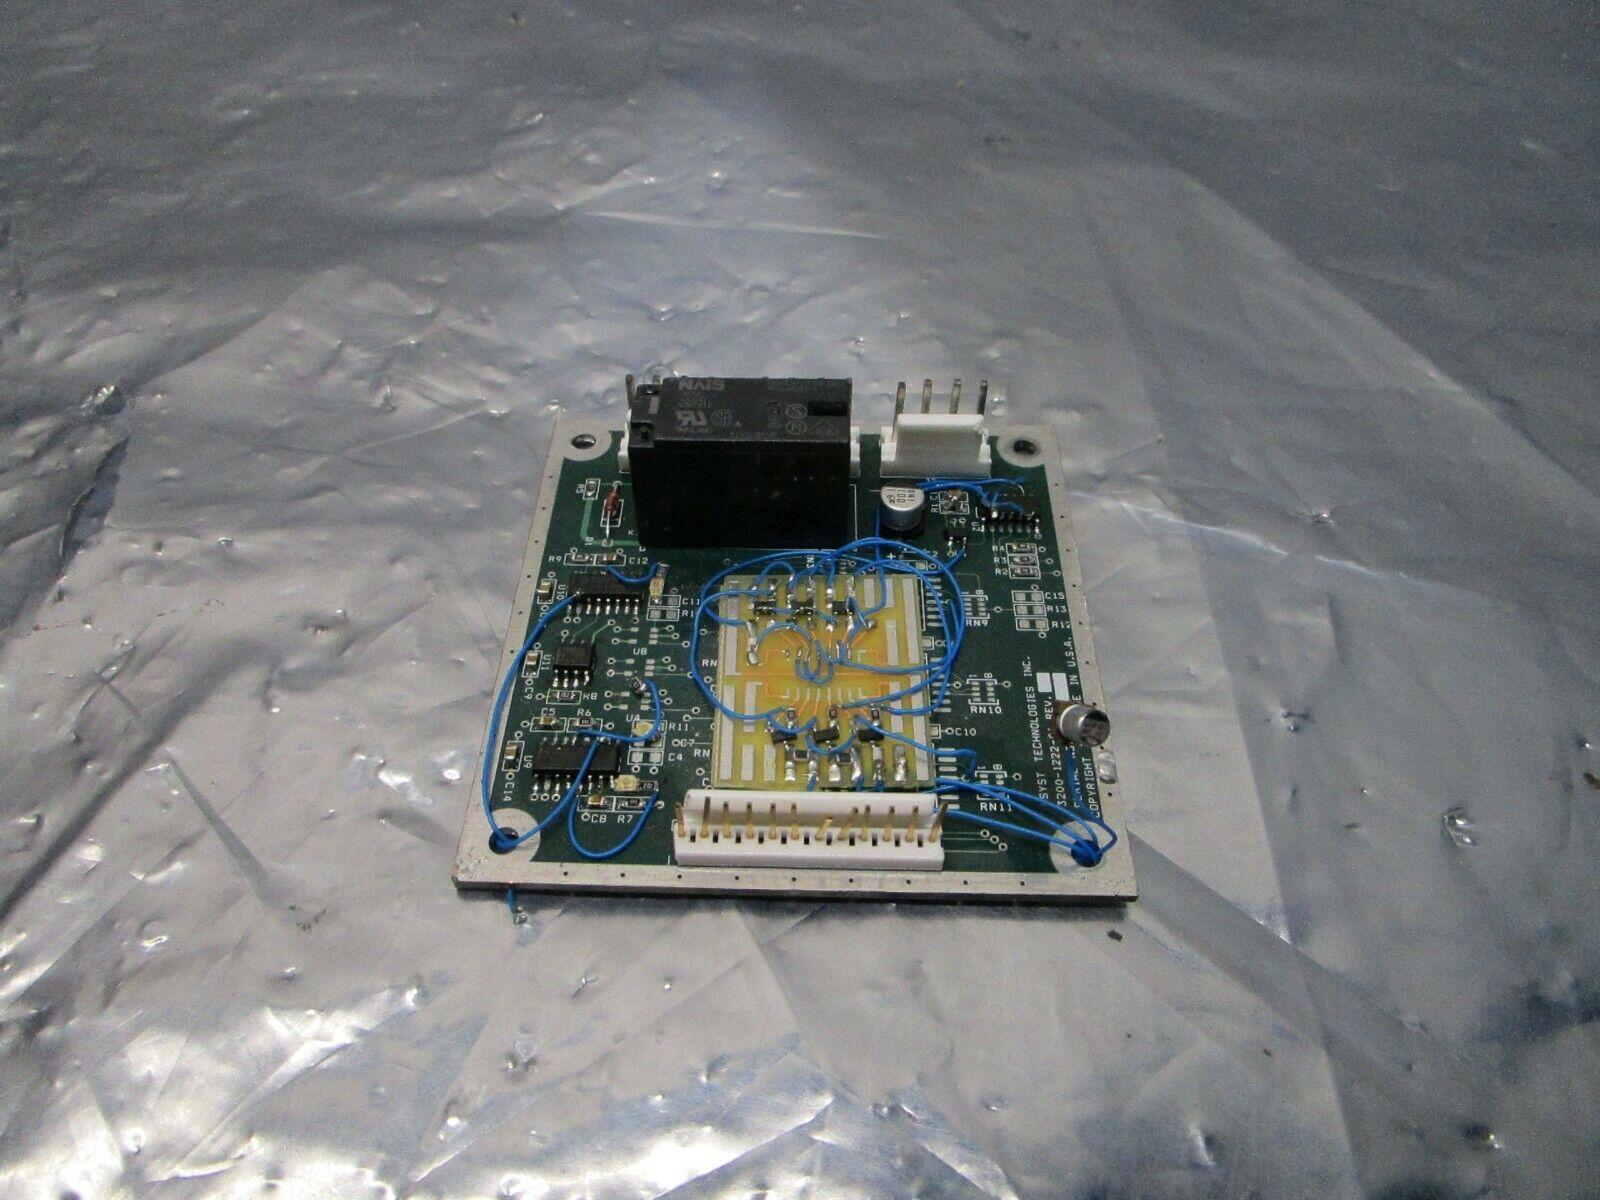 Asyst 3200-1222-01 PCB, FAB 3000-1222-01, 101215